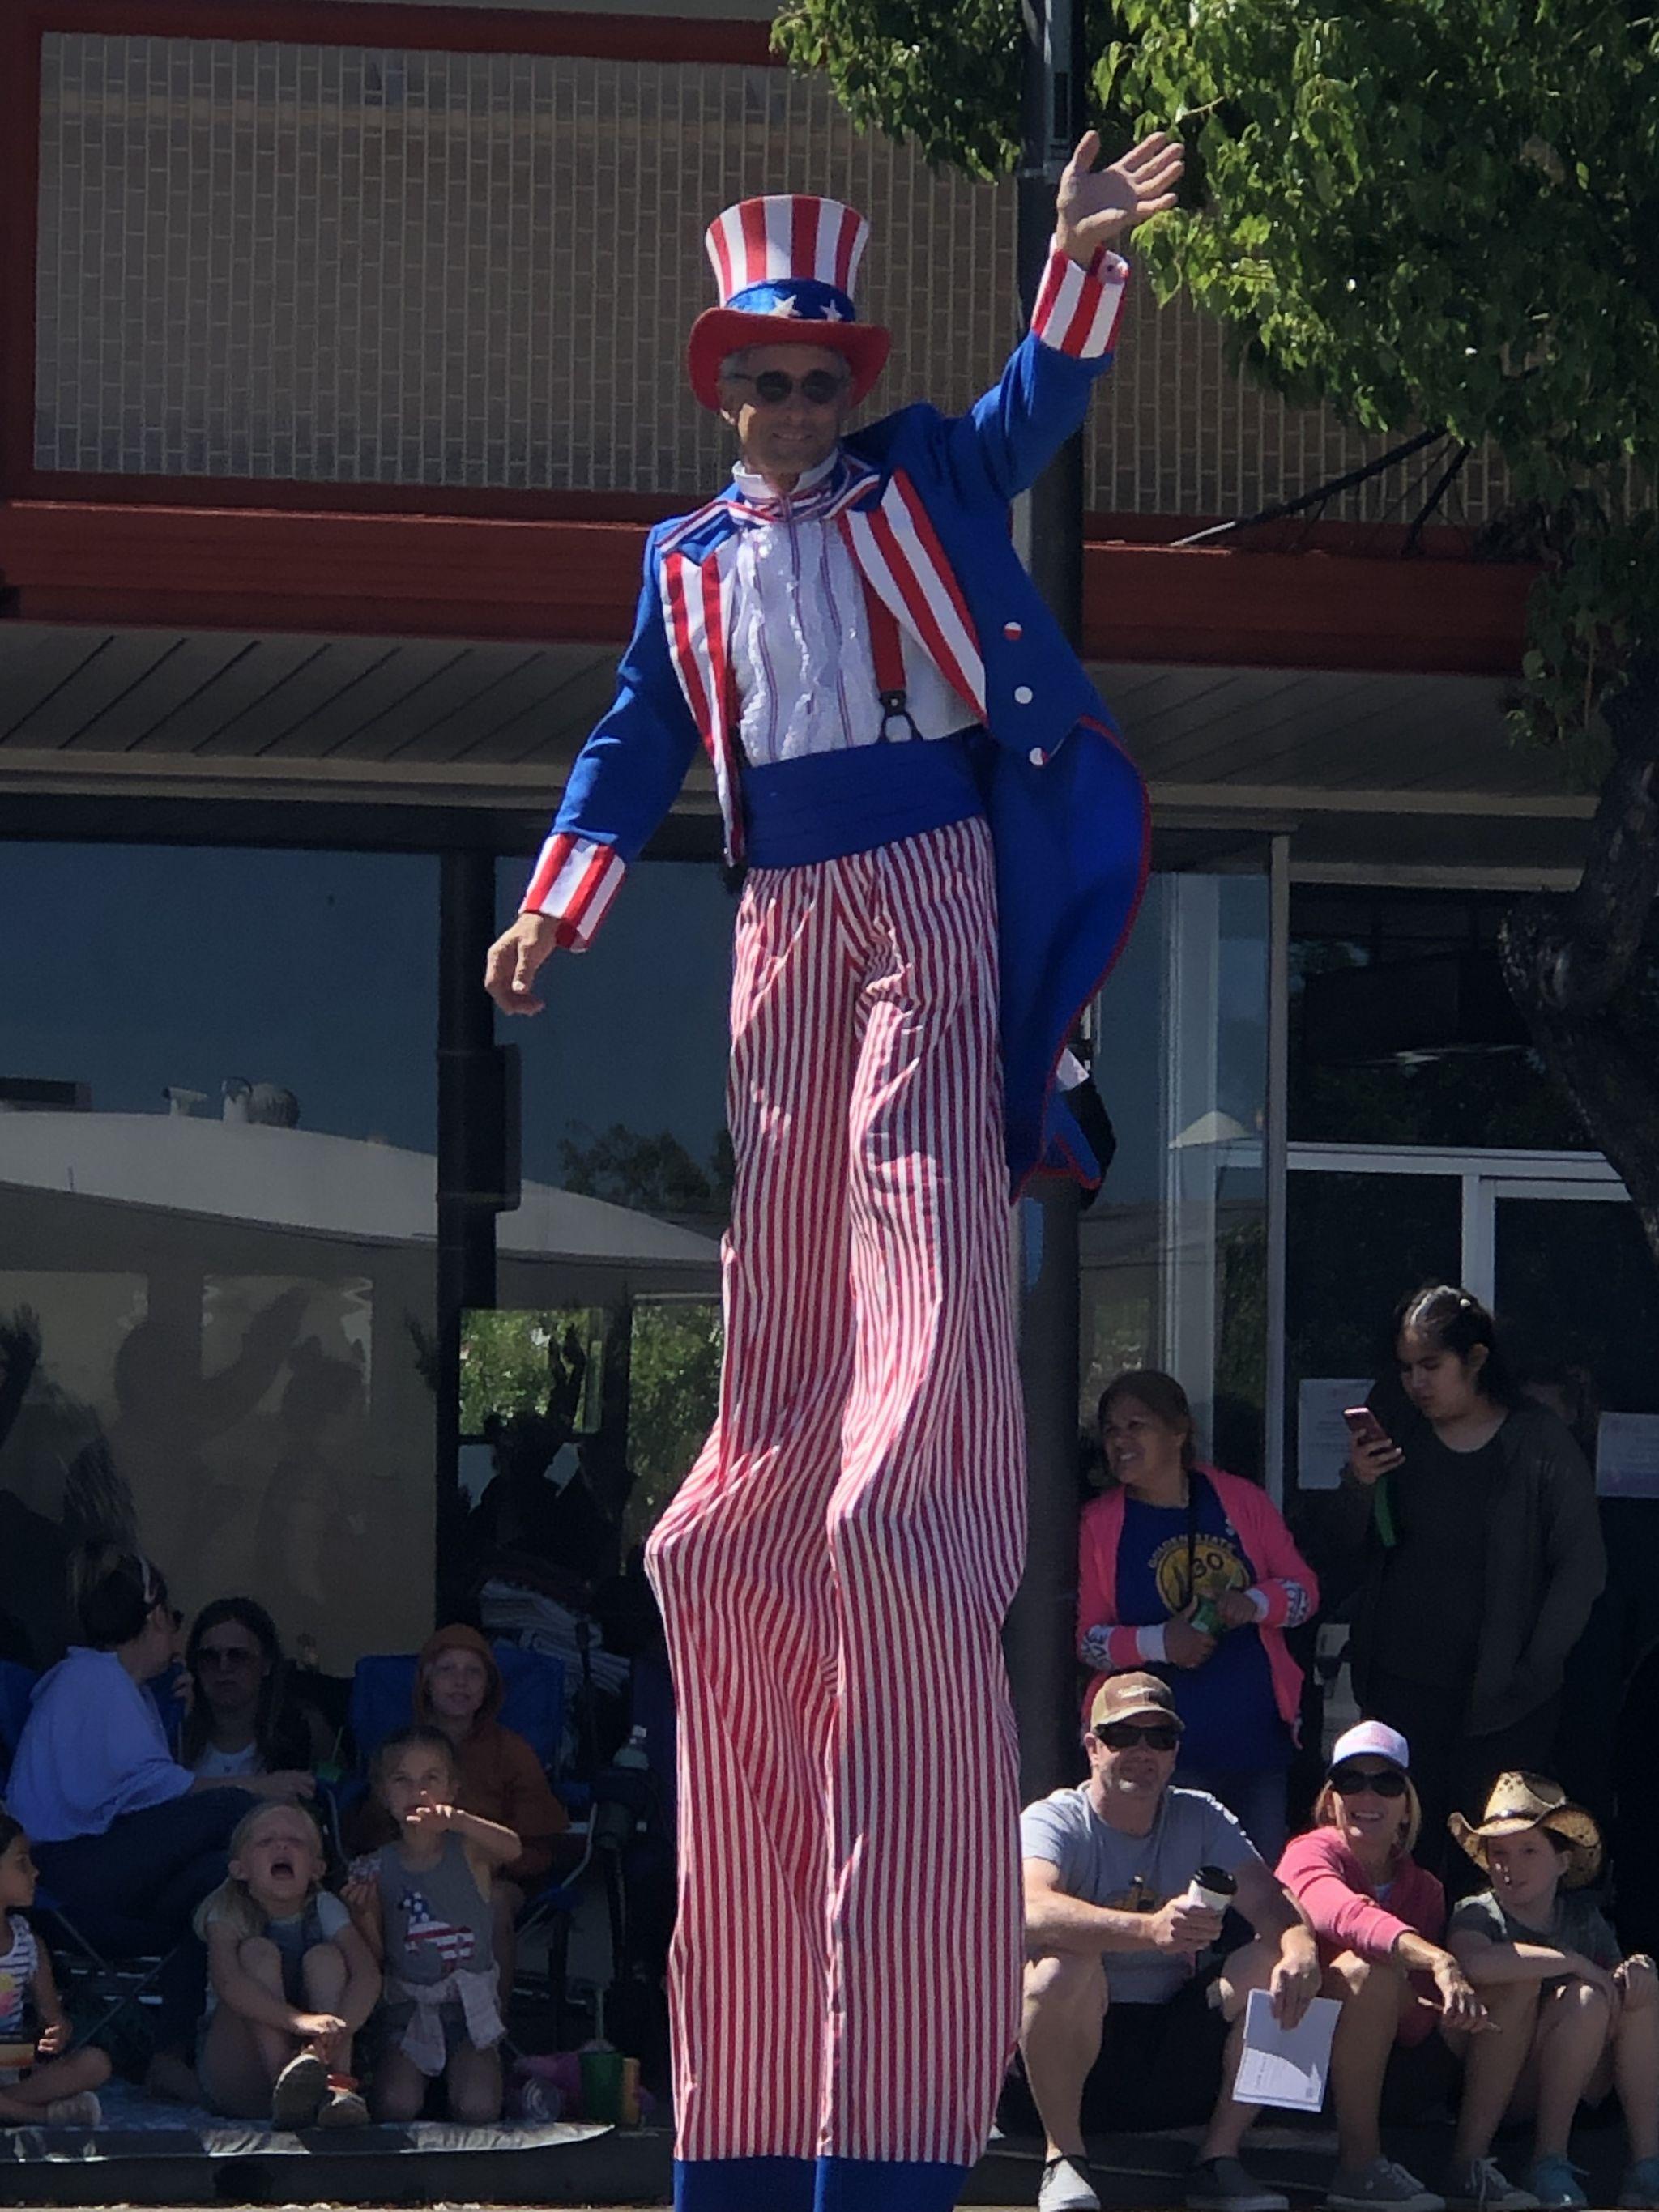 Livermore Rodeo Parade, Coast to Coast